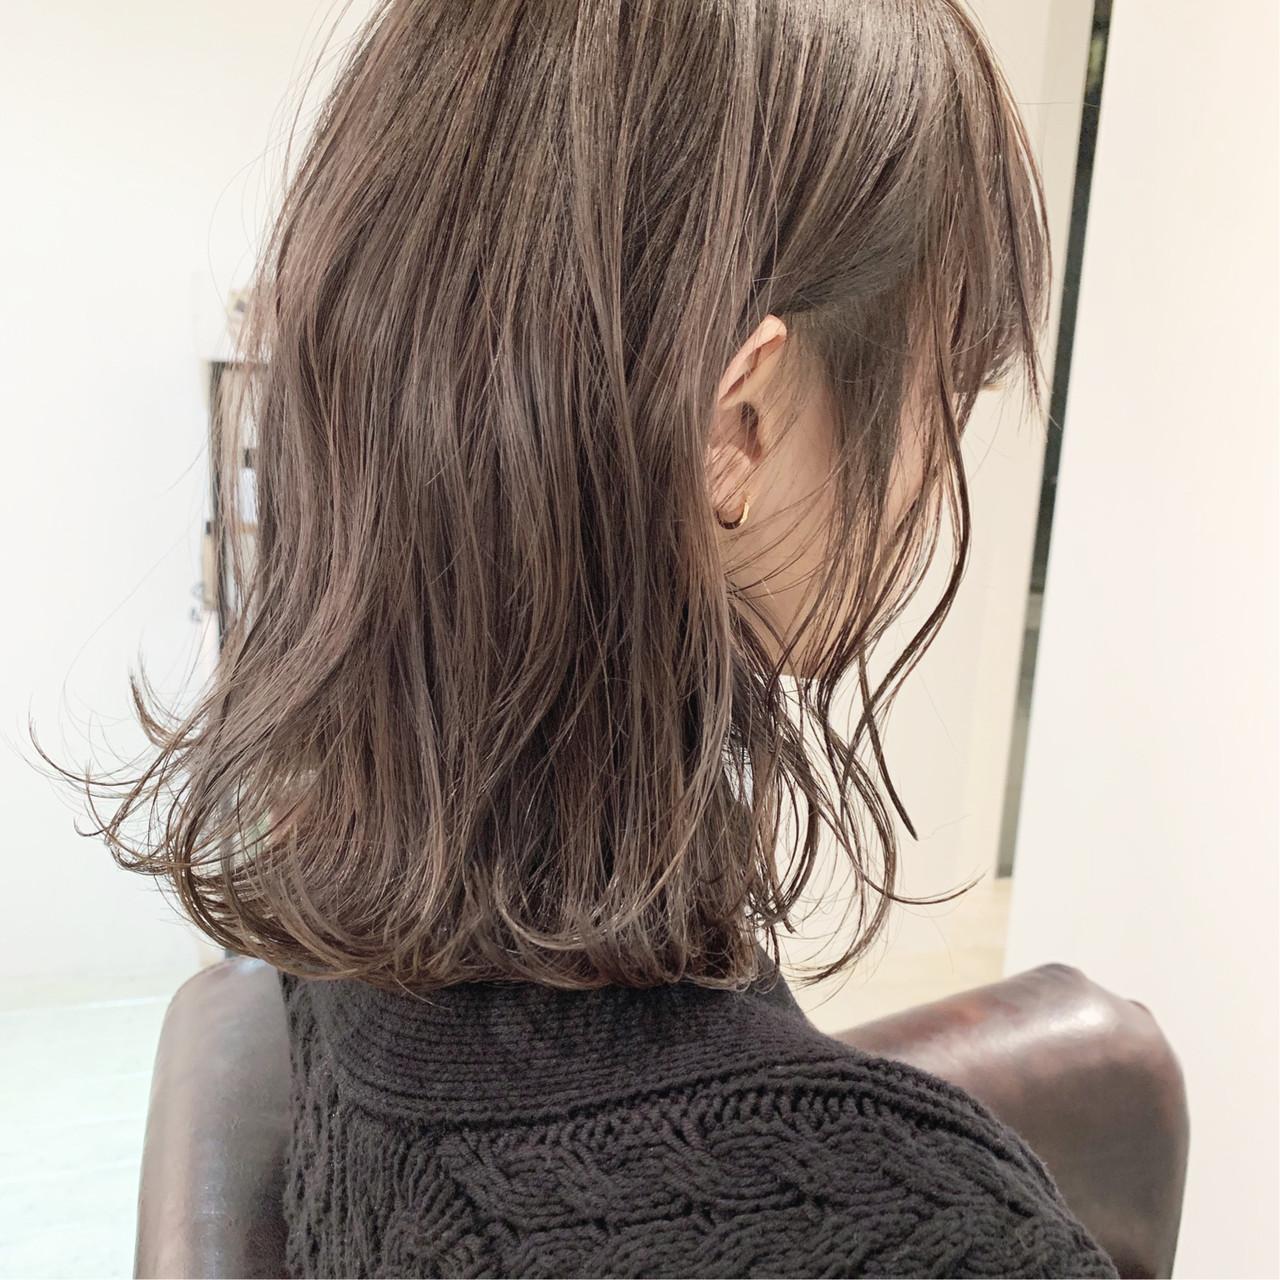 ミルクティーグレージュ ミディアム 簡単ヘアアレンジ 切りっぱなしボブヘアスタイルや髪型の写真・画像